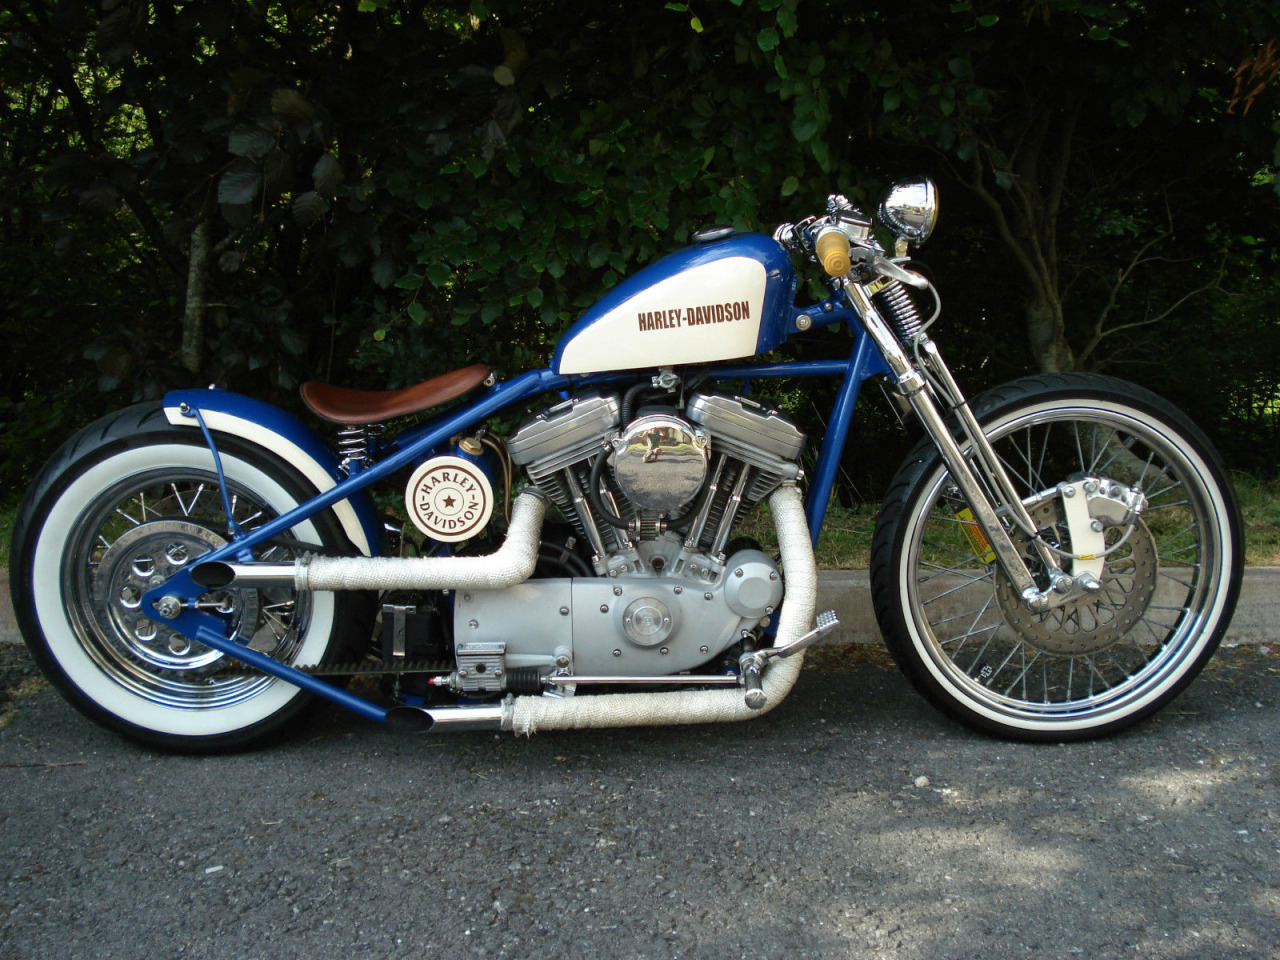 hb-xl-883C-sportster-bobber